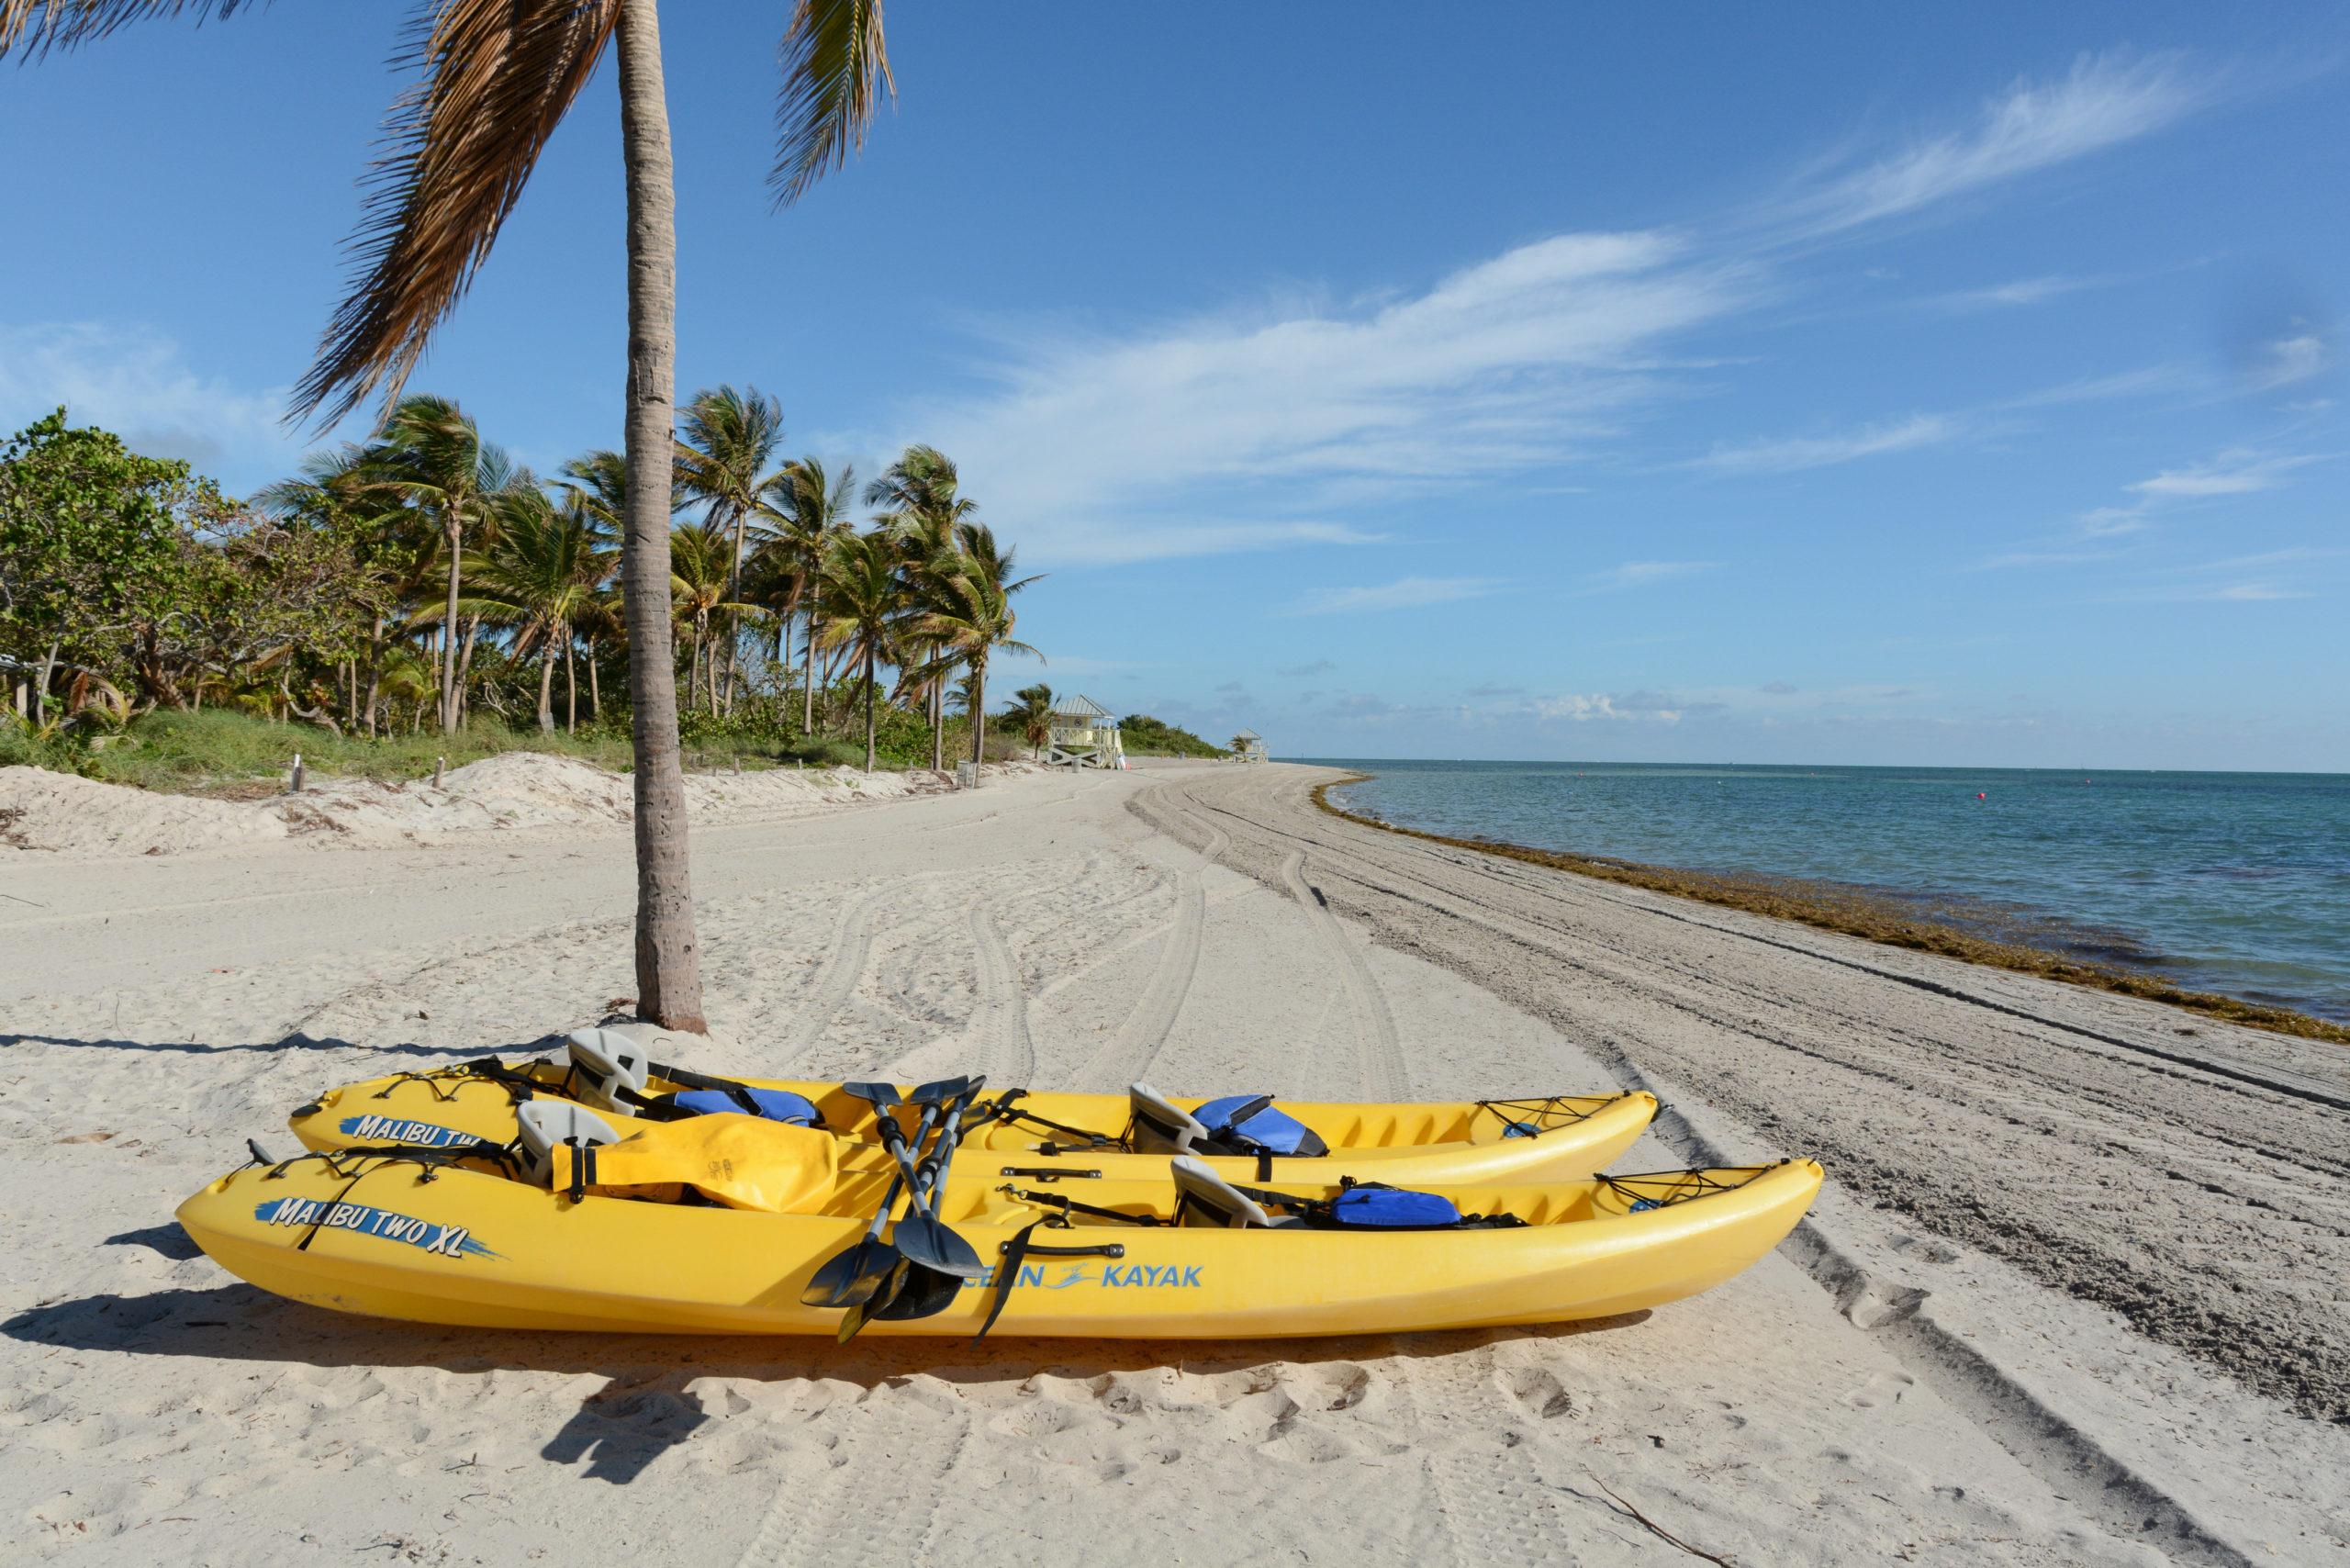 Zwei Kanus unter Palmen am Strand von Key Biscayne in Florida